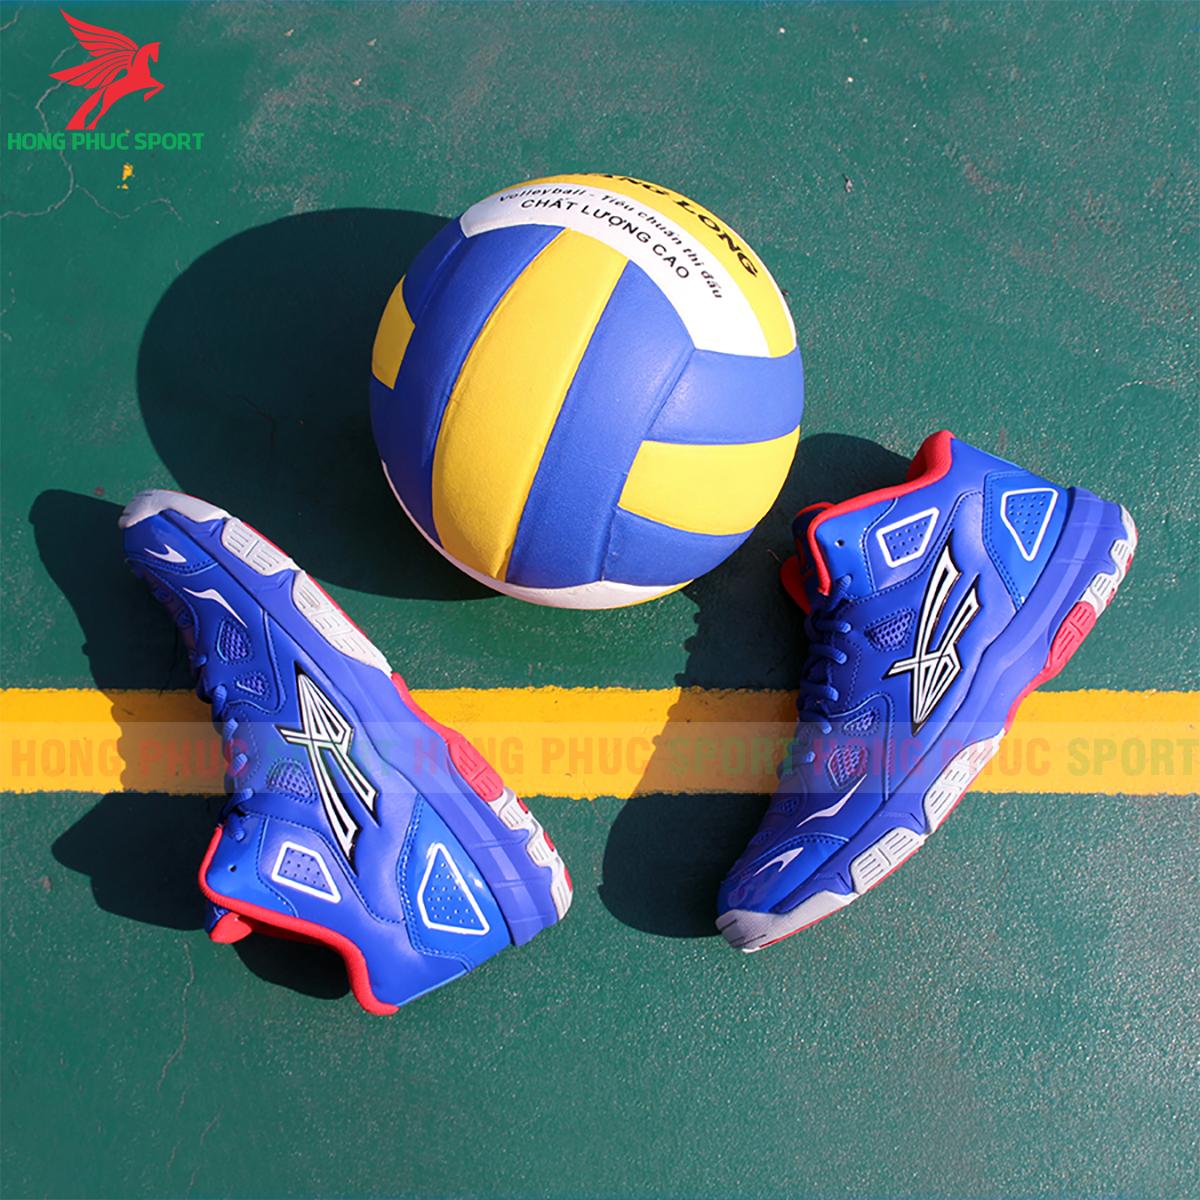 Giày bóng chuyền Beyono Golden Star C màu xanh dương (1)